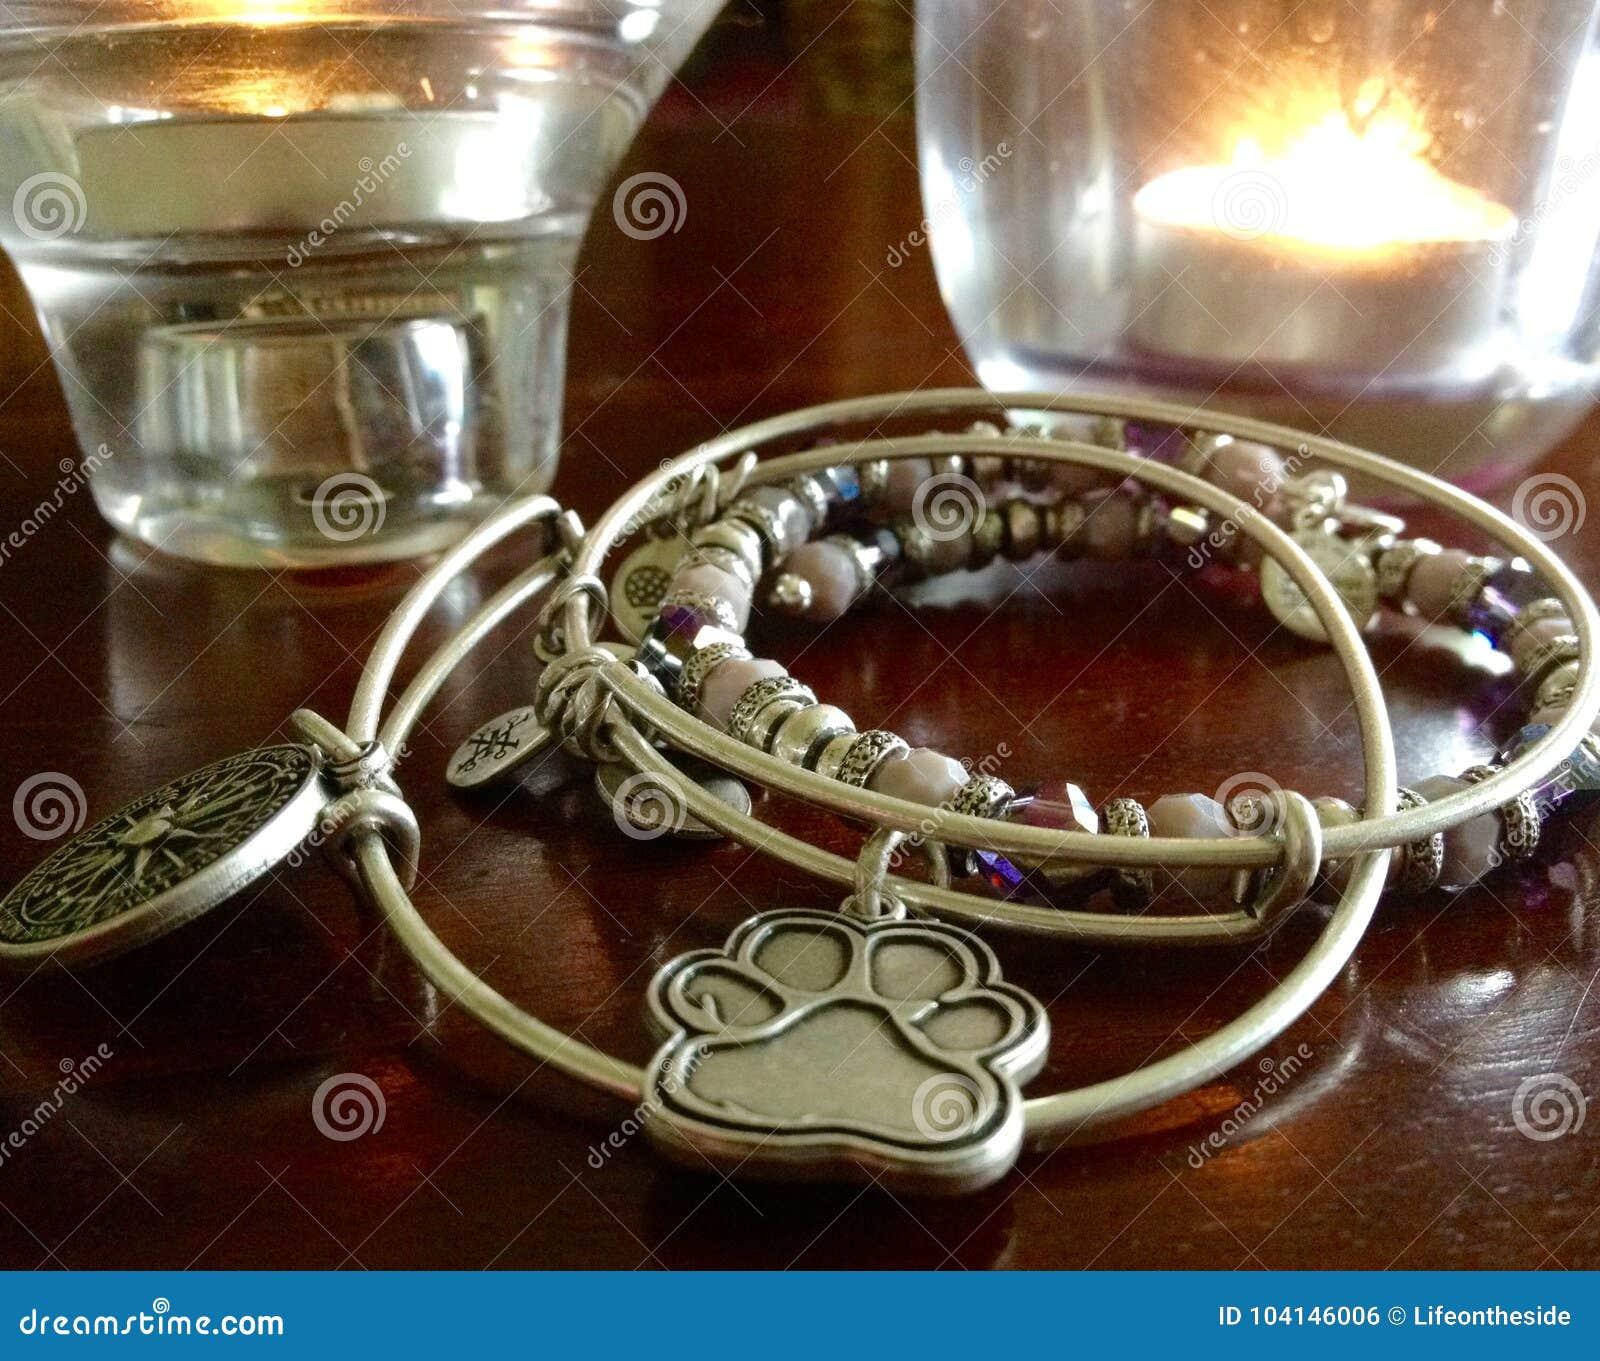 Einzigartiger handgefertigter silberner Armbandcharme, Kristalle